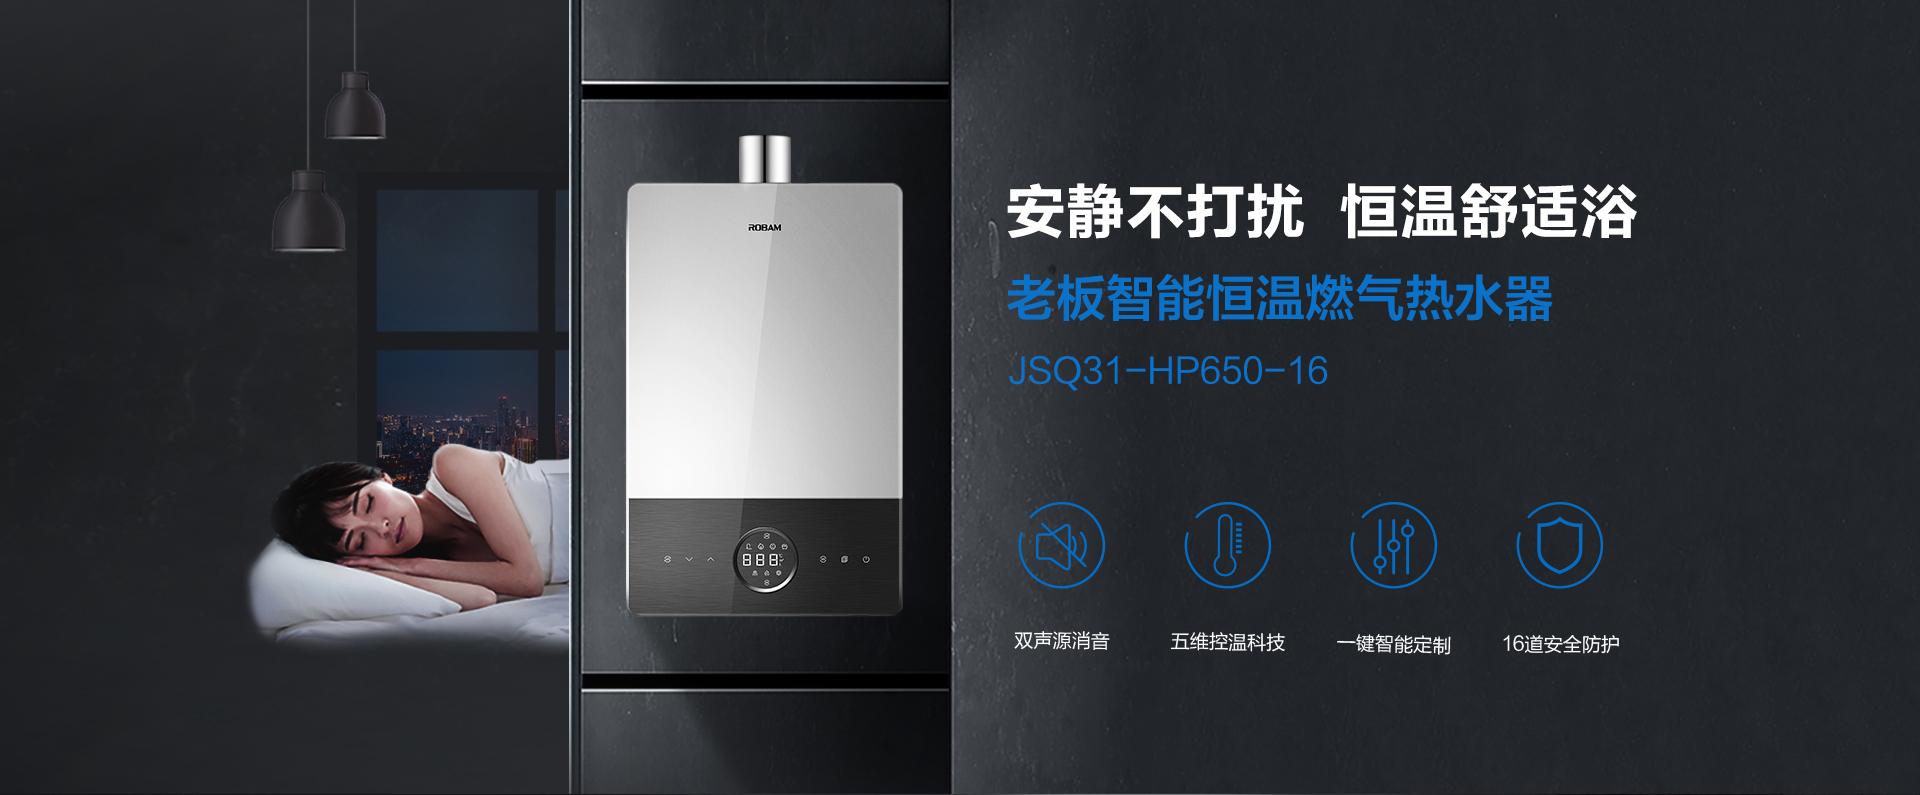 JSQ27-HP650-14_01.jpg